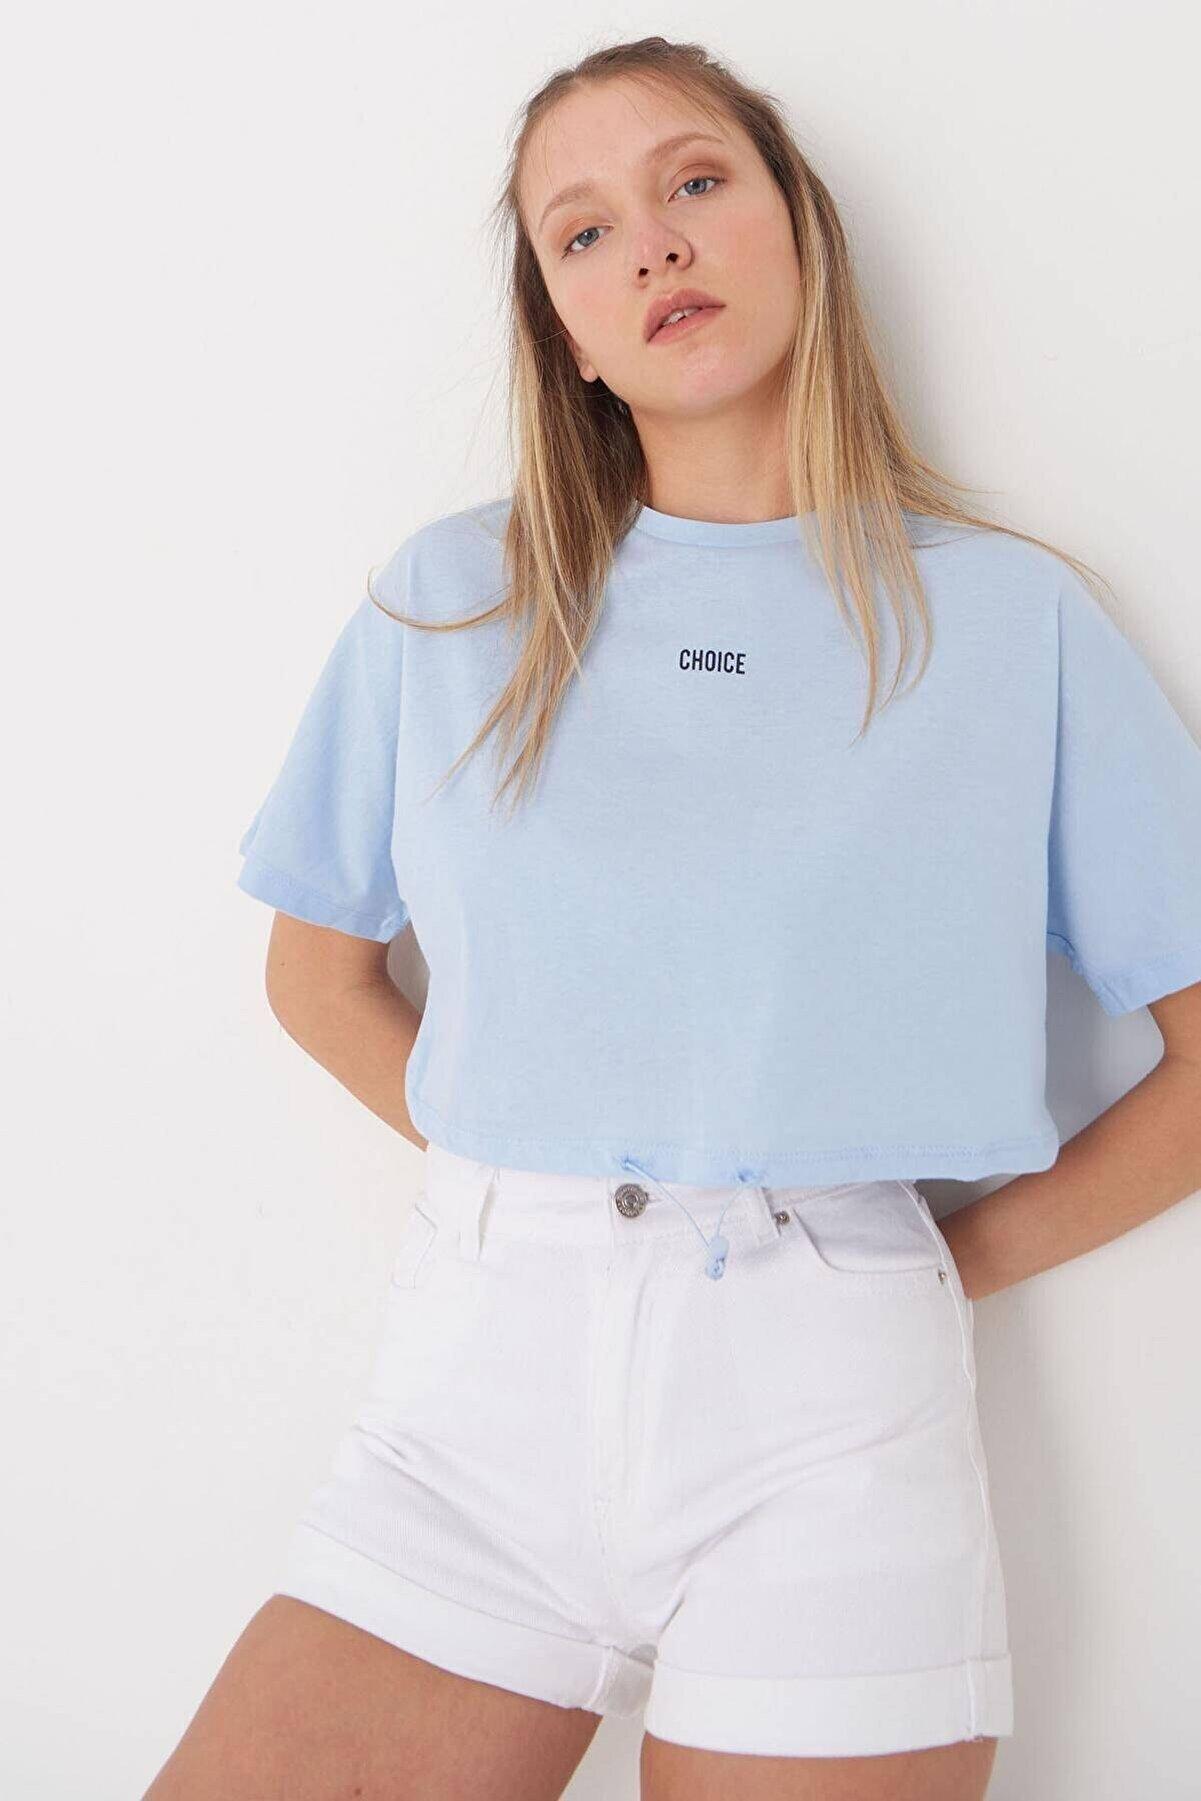 Addax Kadın Buz Mavi Choıce Yazılı Tişört P0874 - L13 Adx-0000021844